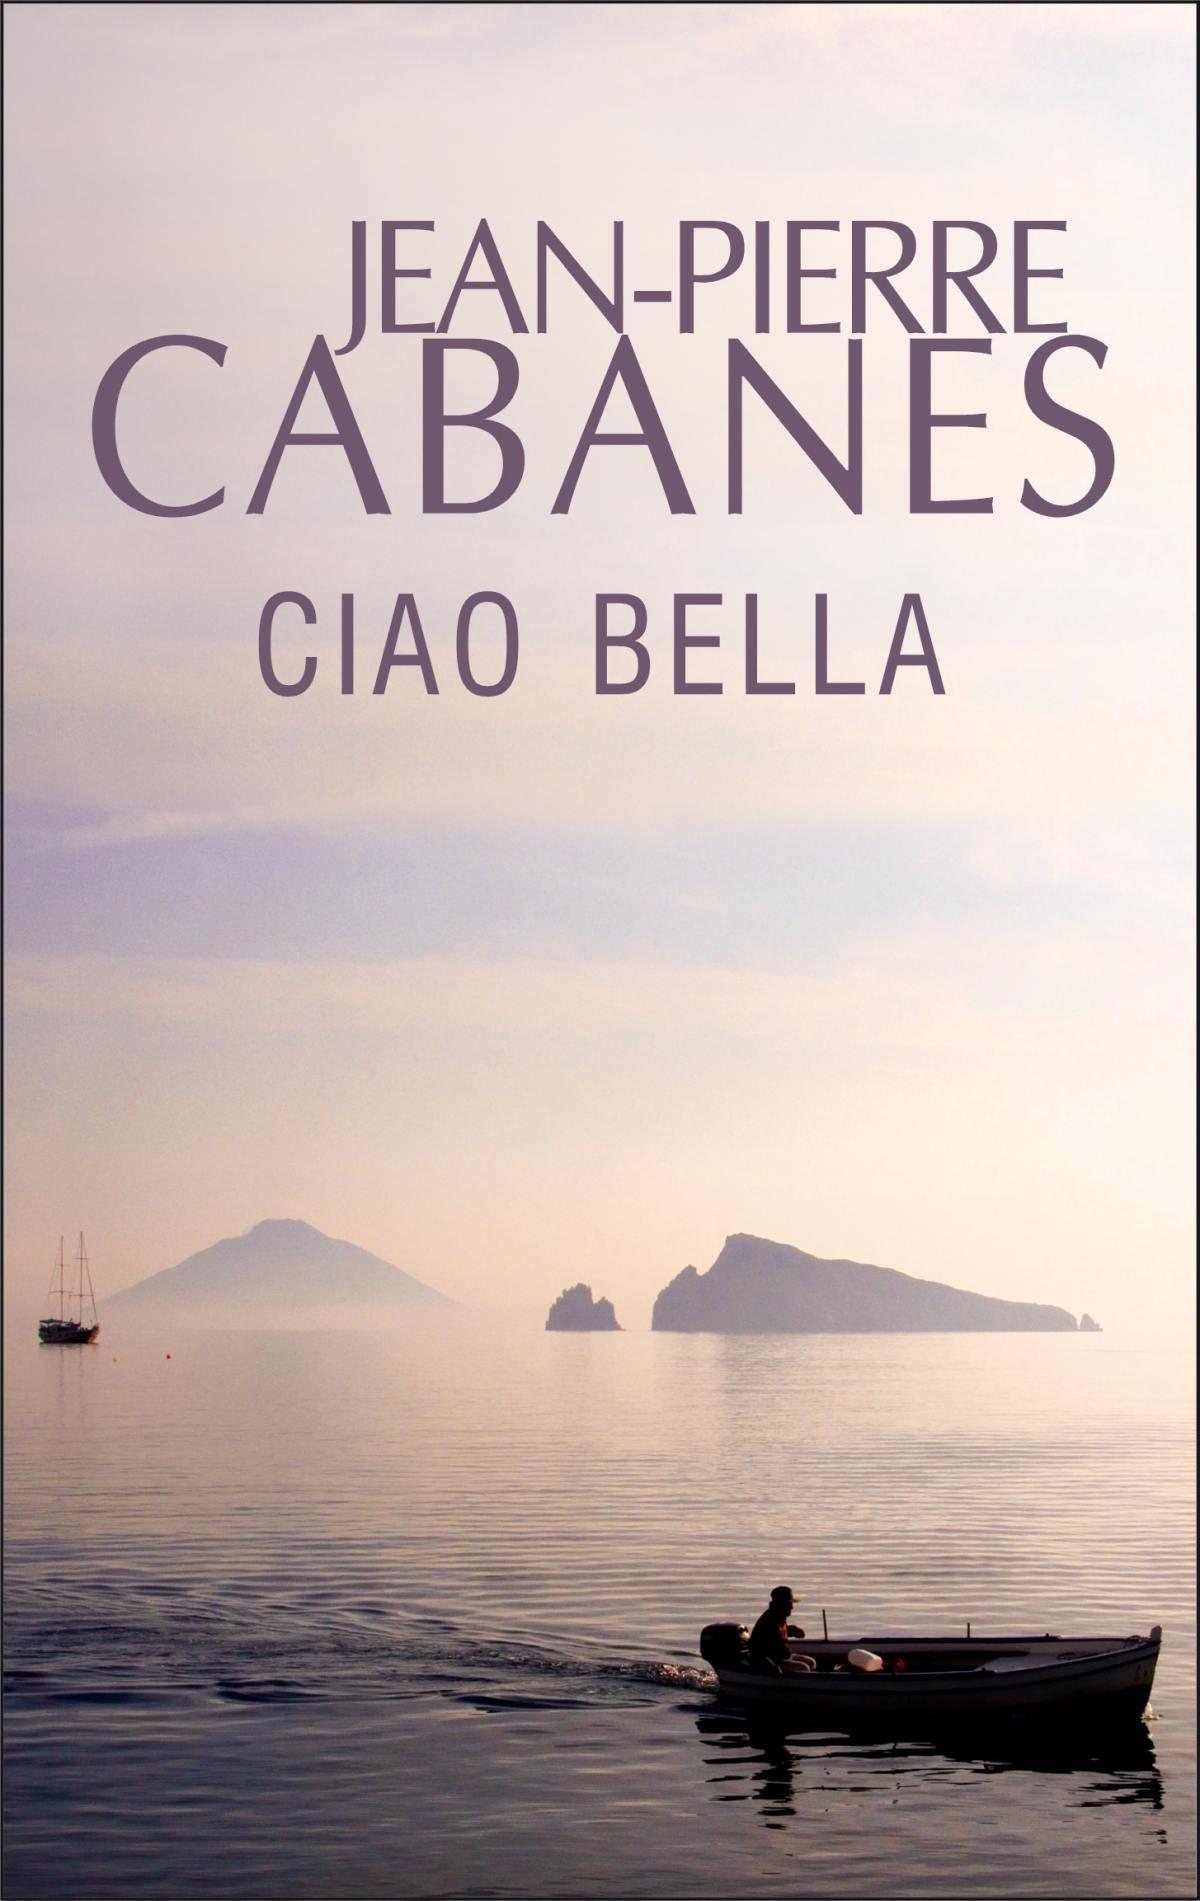 Ciao bella - Ebook (Książka EPUB) do pobrania w formacie EPUB